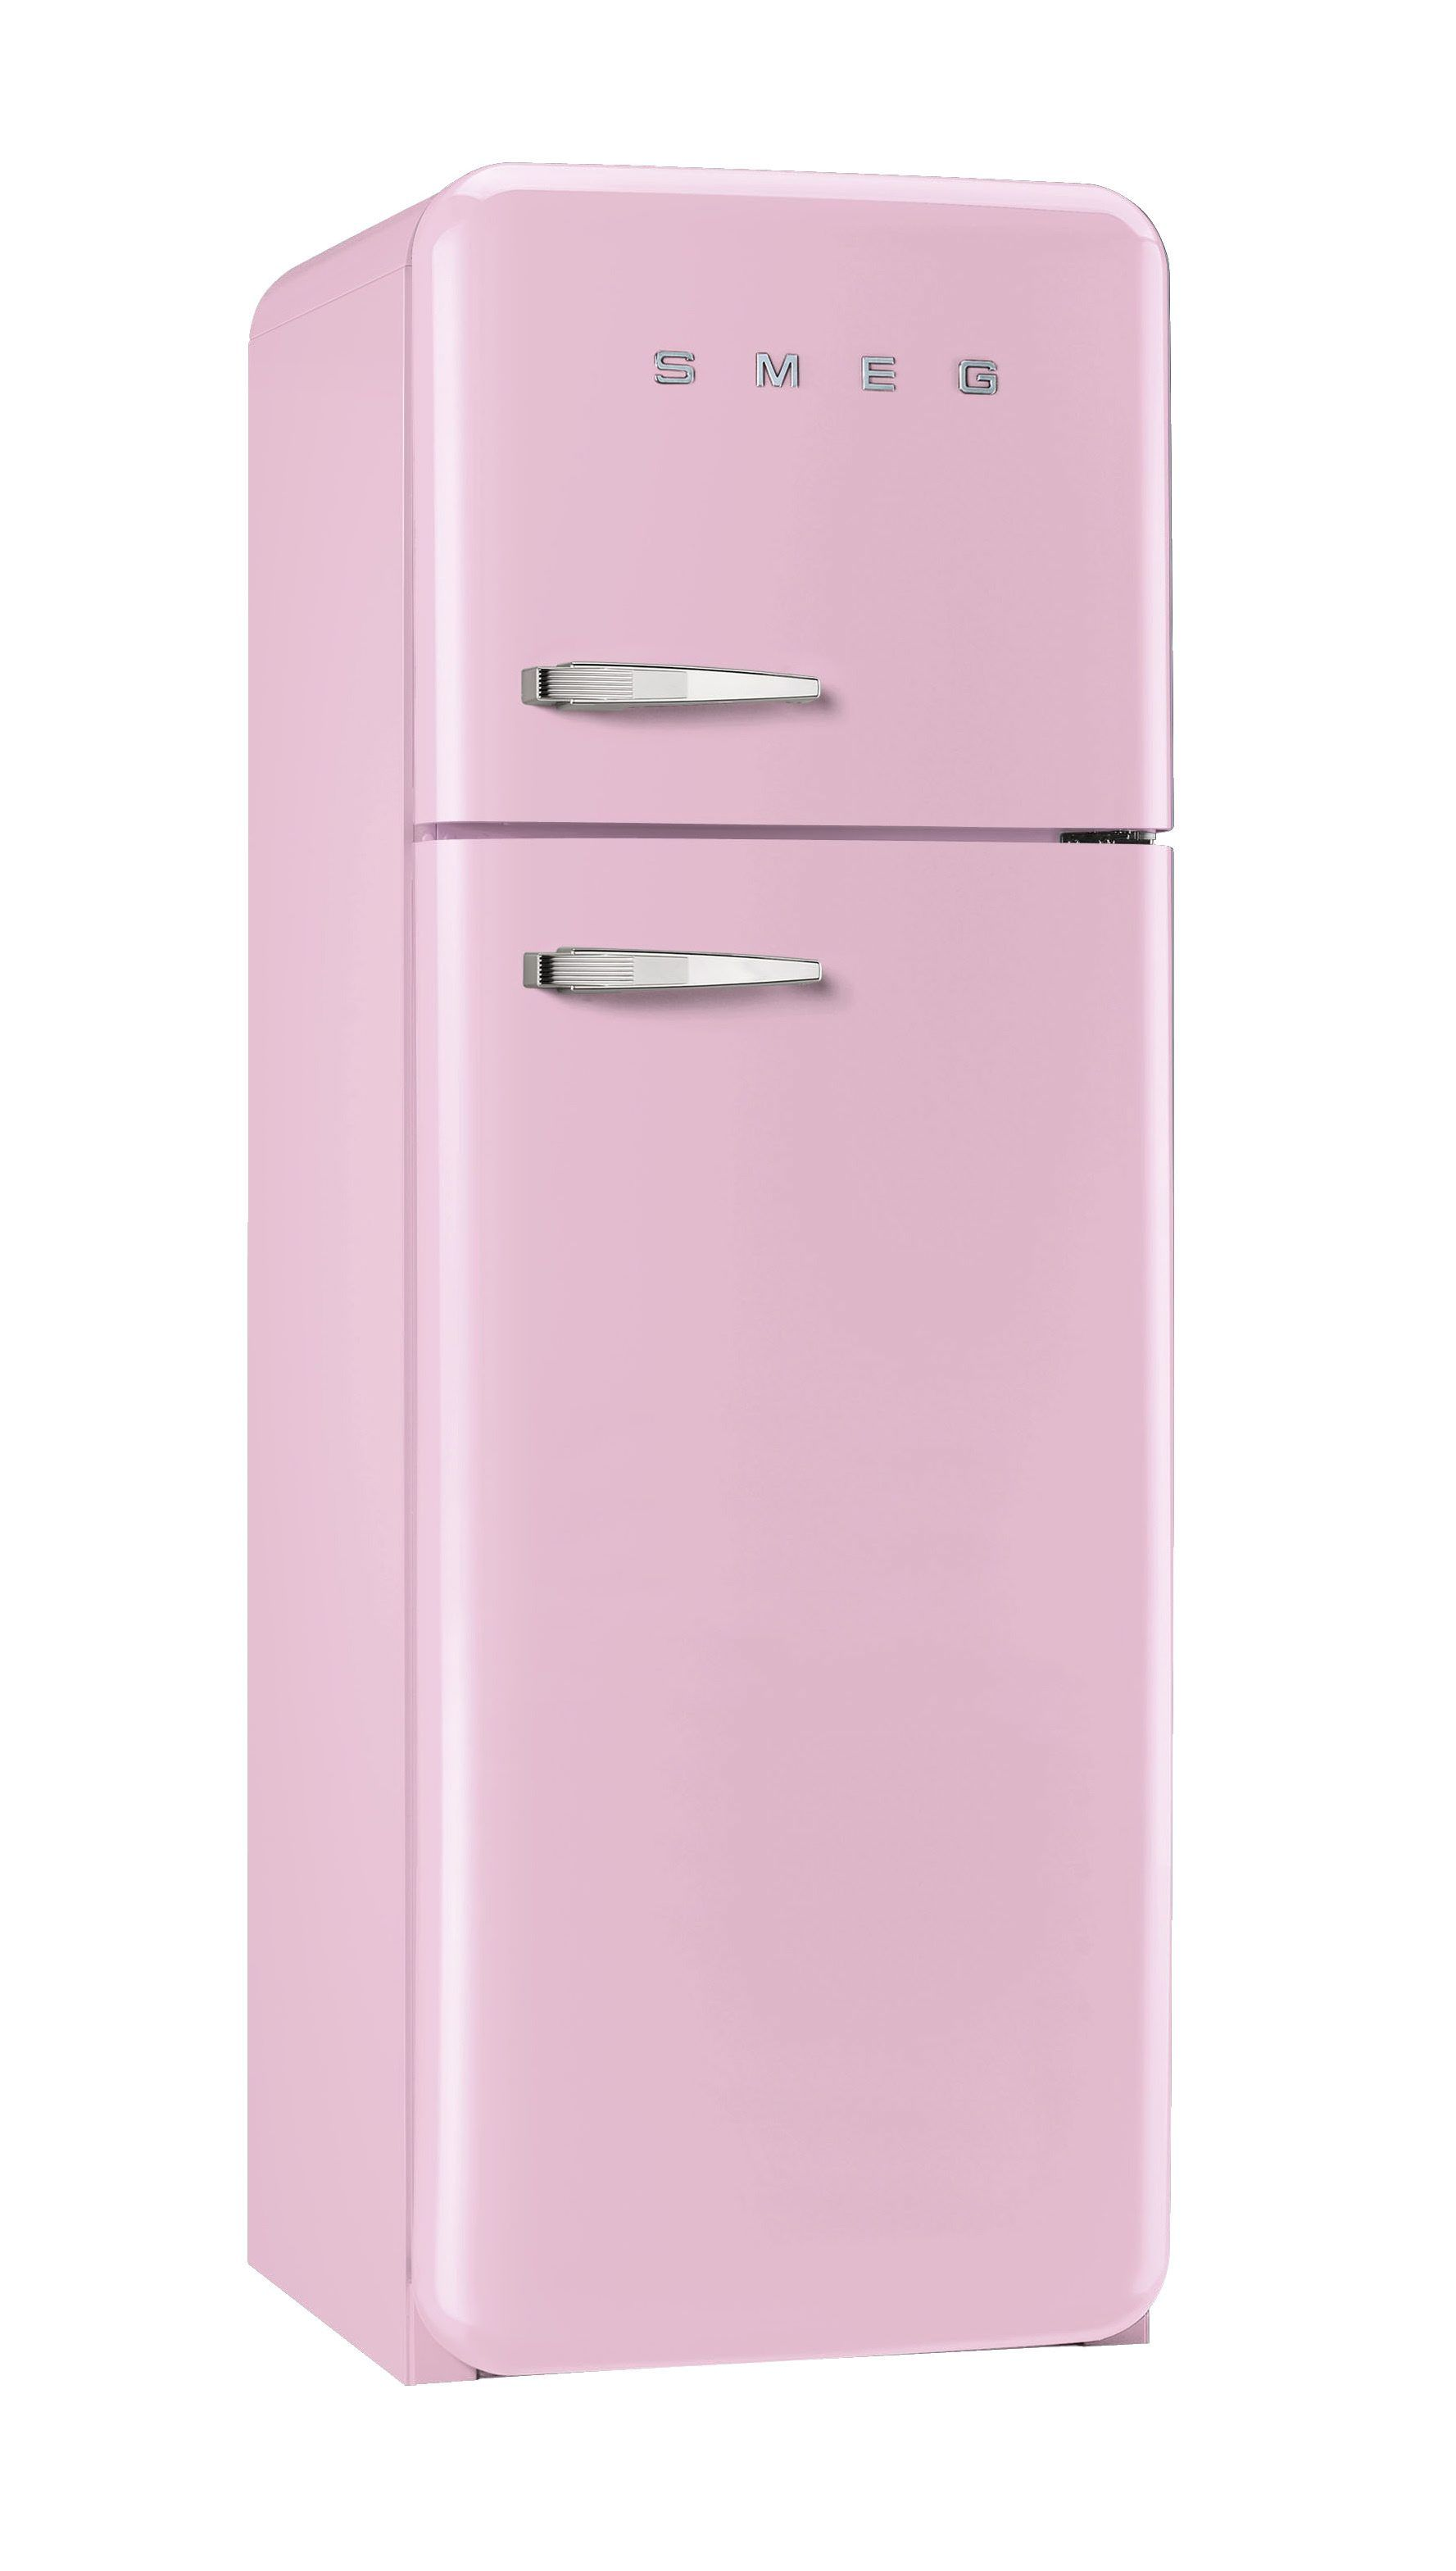 réfrigérateur 2 portes smeg fab30rro1 | smeg, réfrigérateurs et rose